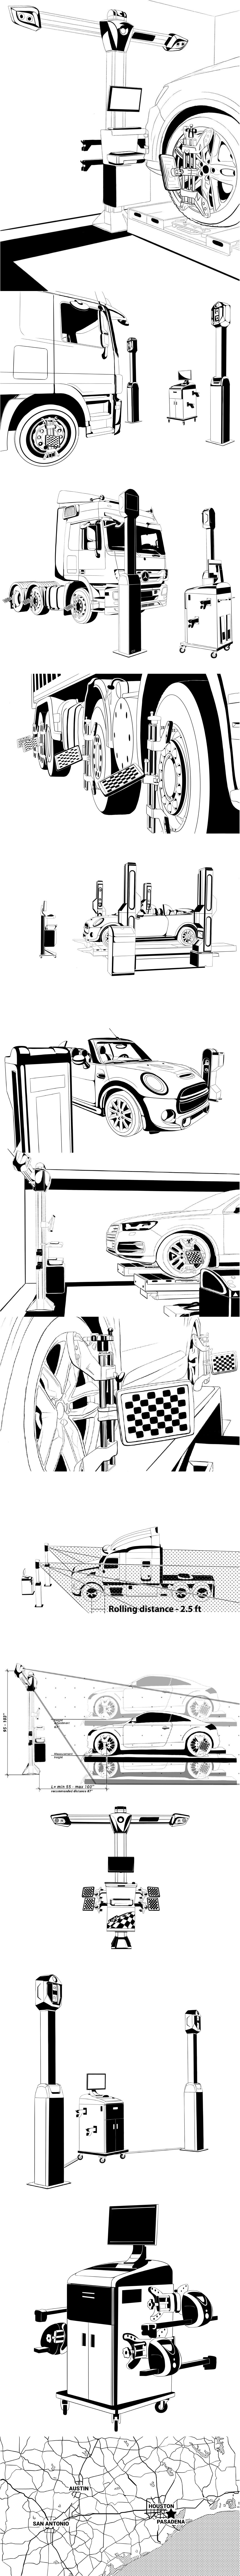 иллюстрации для компании techno vector